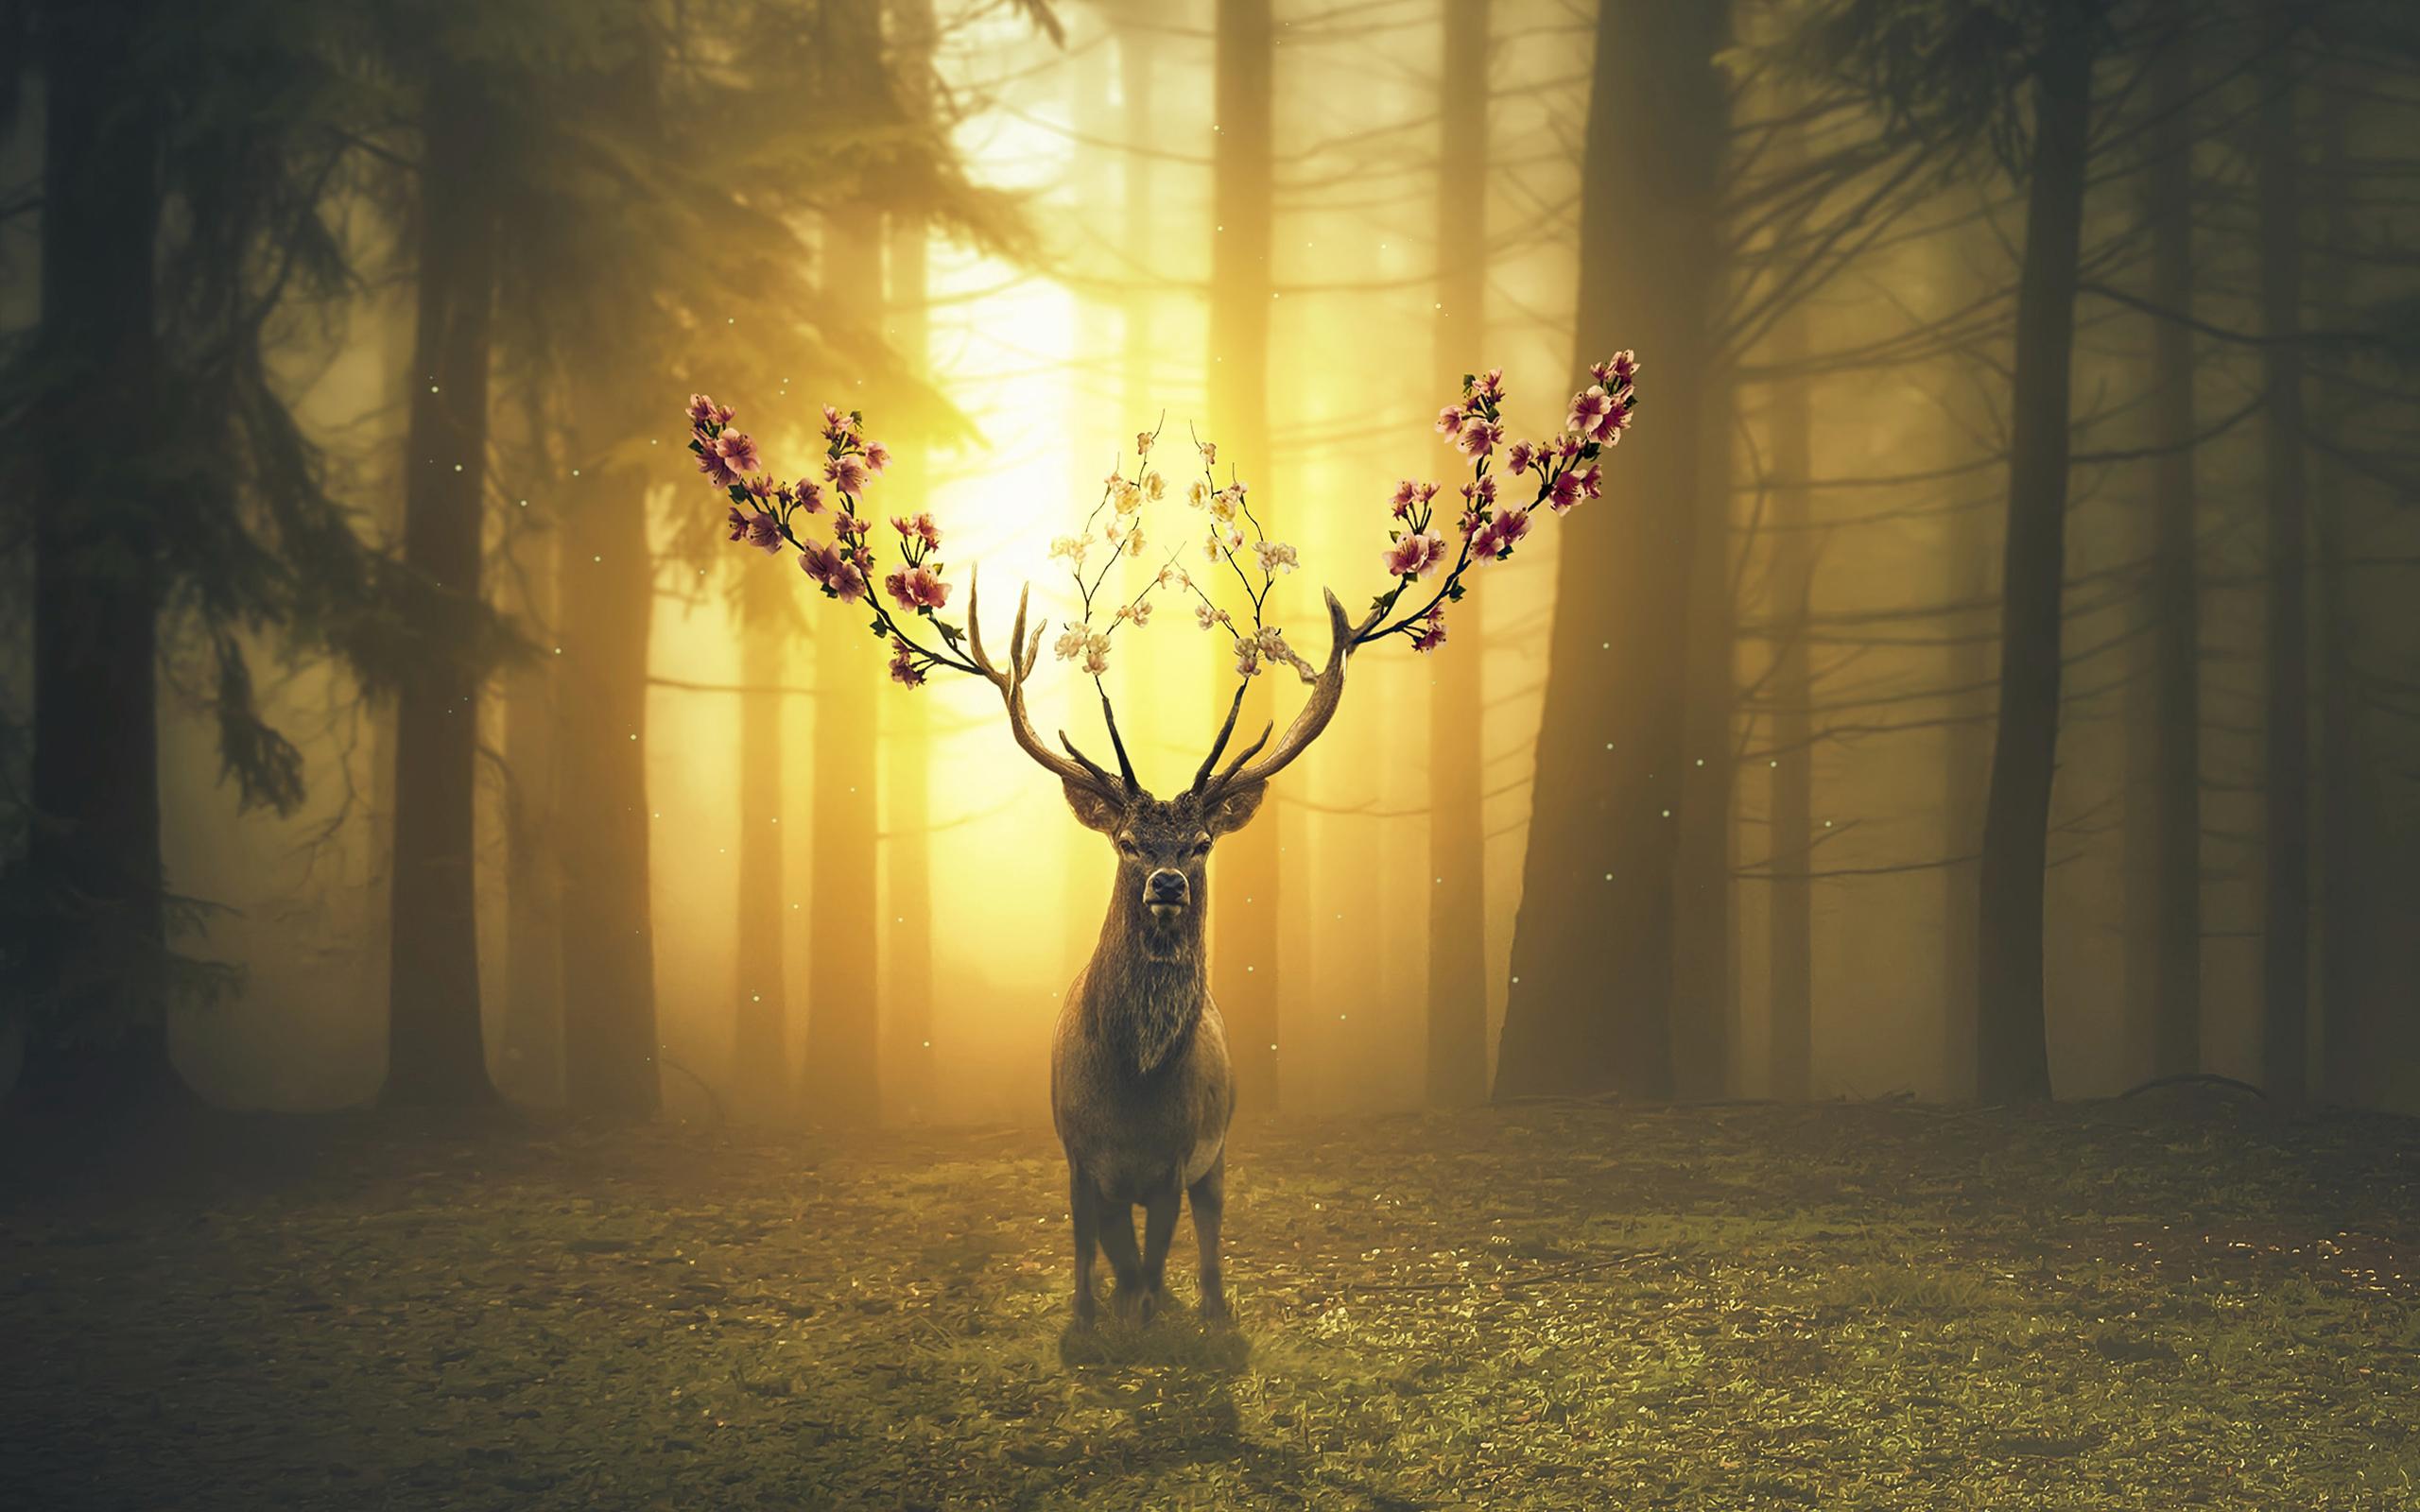 Fantasy Forest 3d Desktop Wallpaper Spring Deer Forest Wallpapers Wallpapers Hd